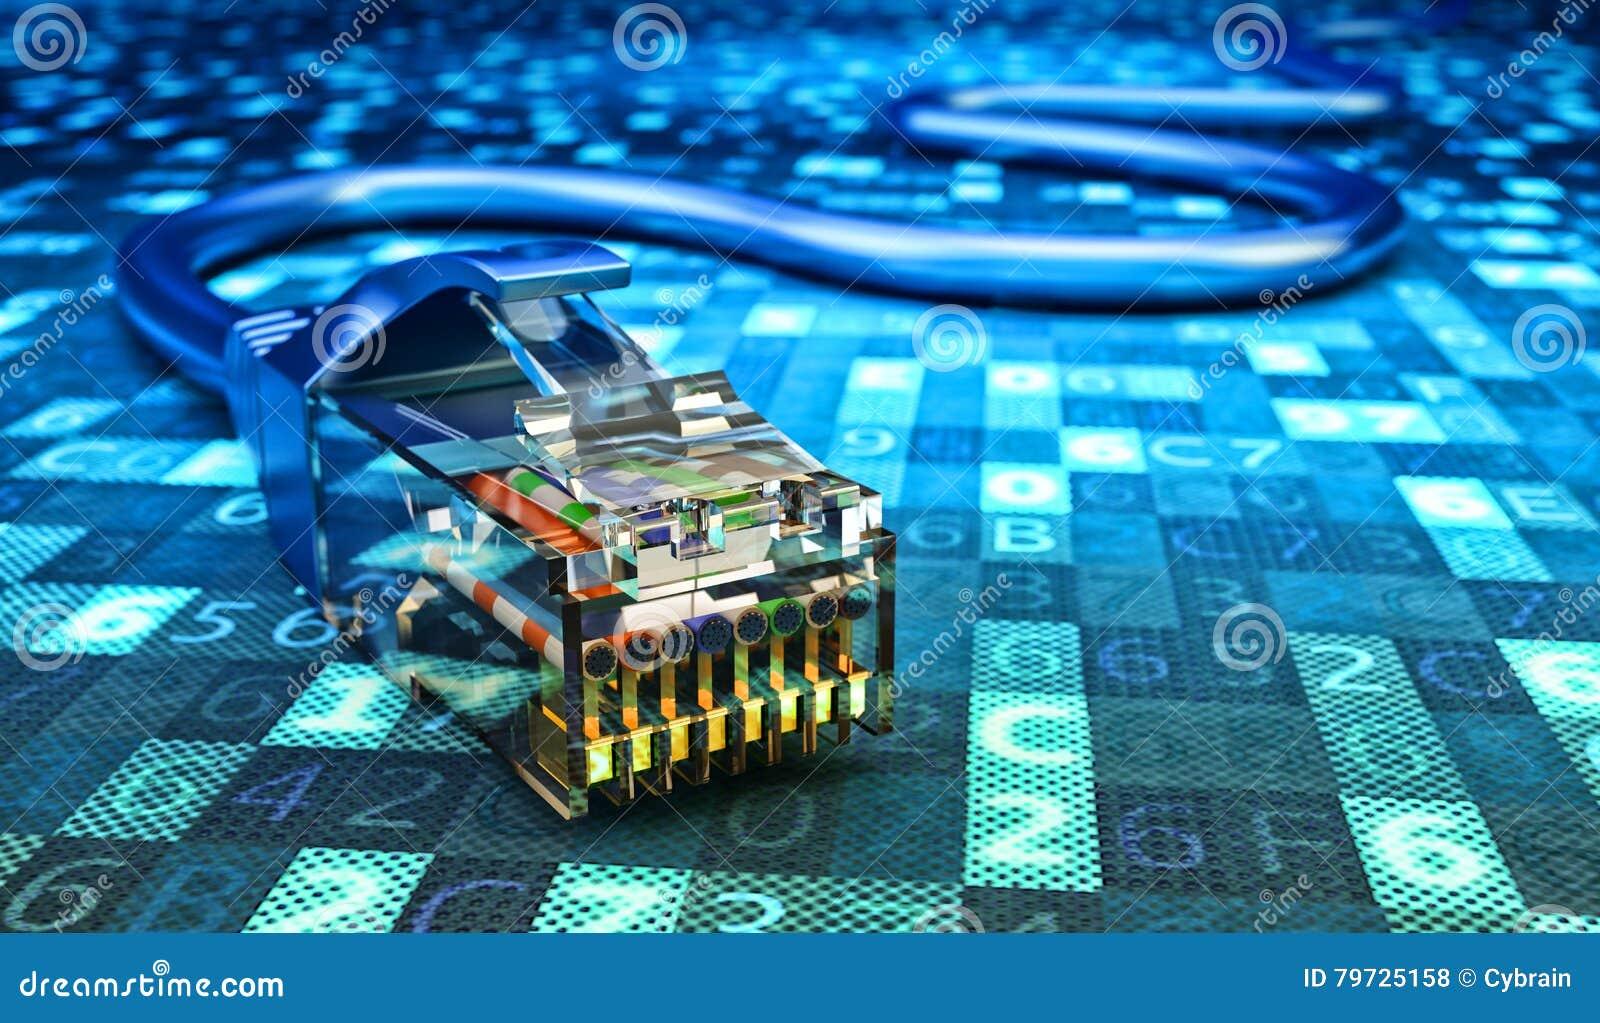 Conexión de red, comunicación de Internet y concepto de la informática